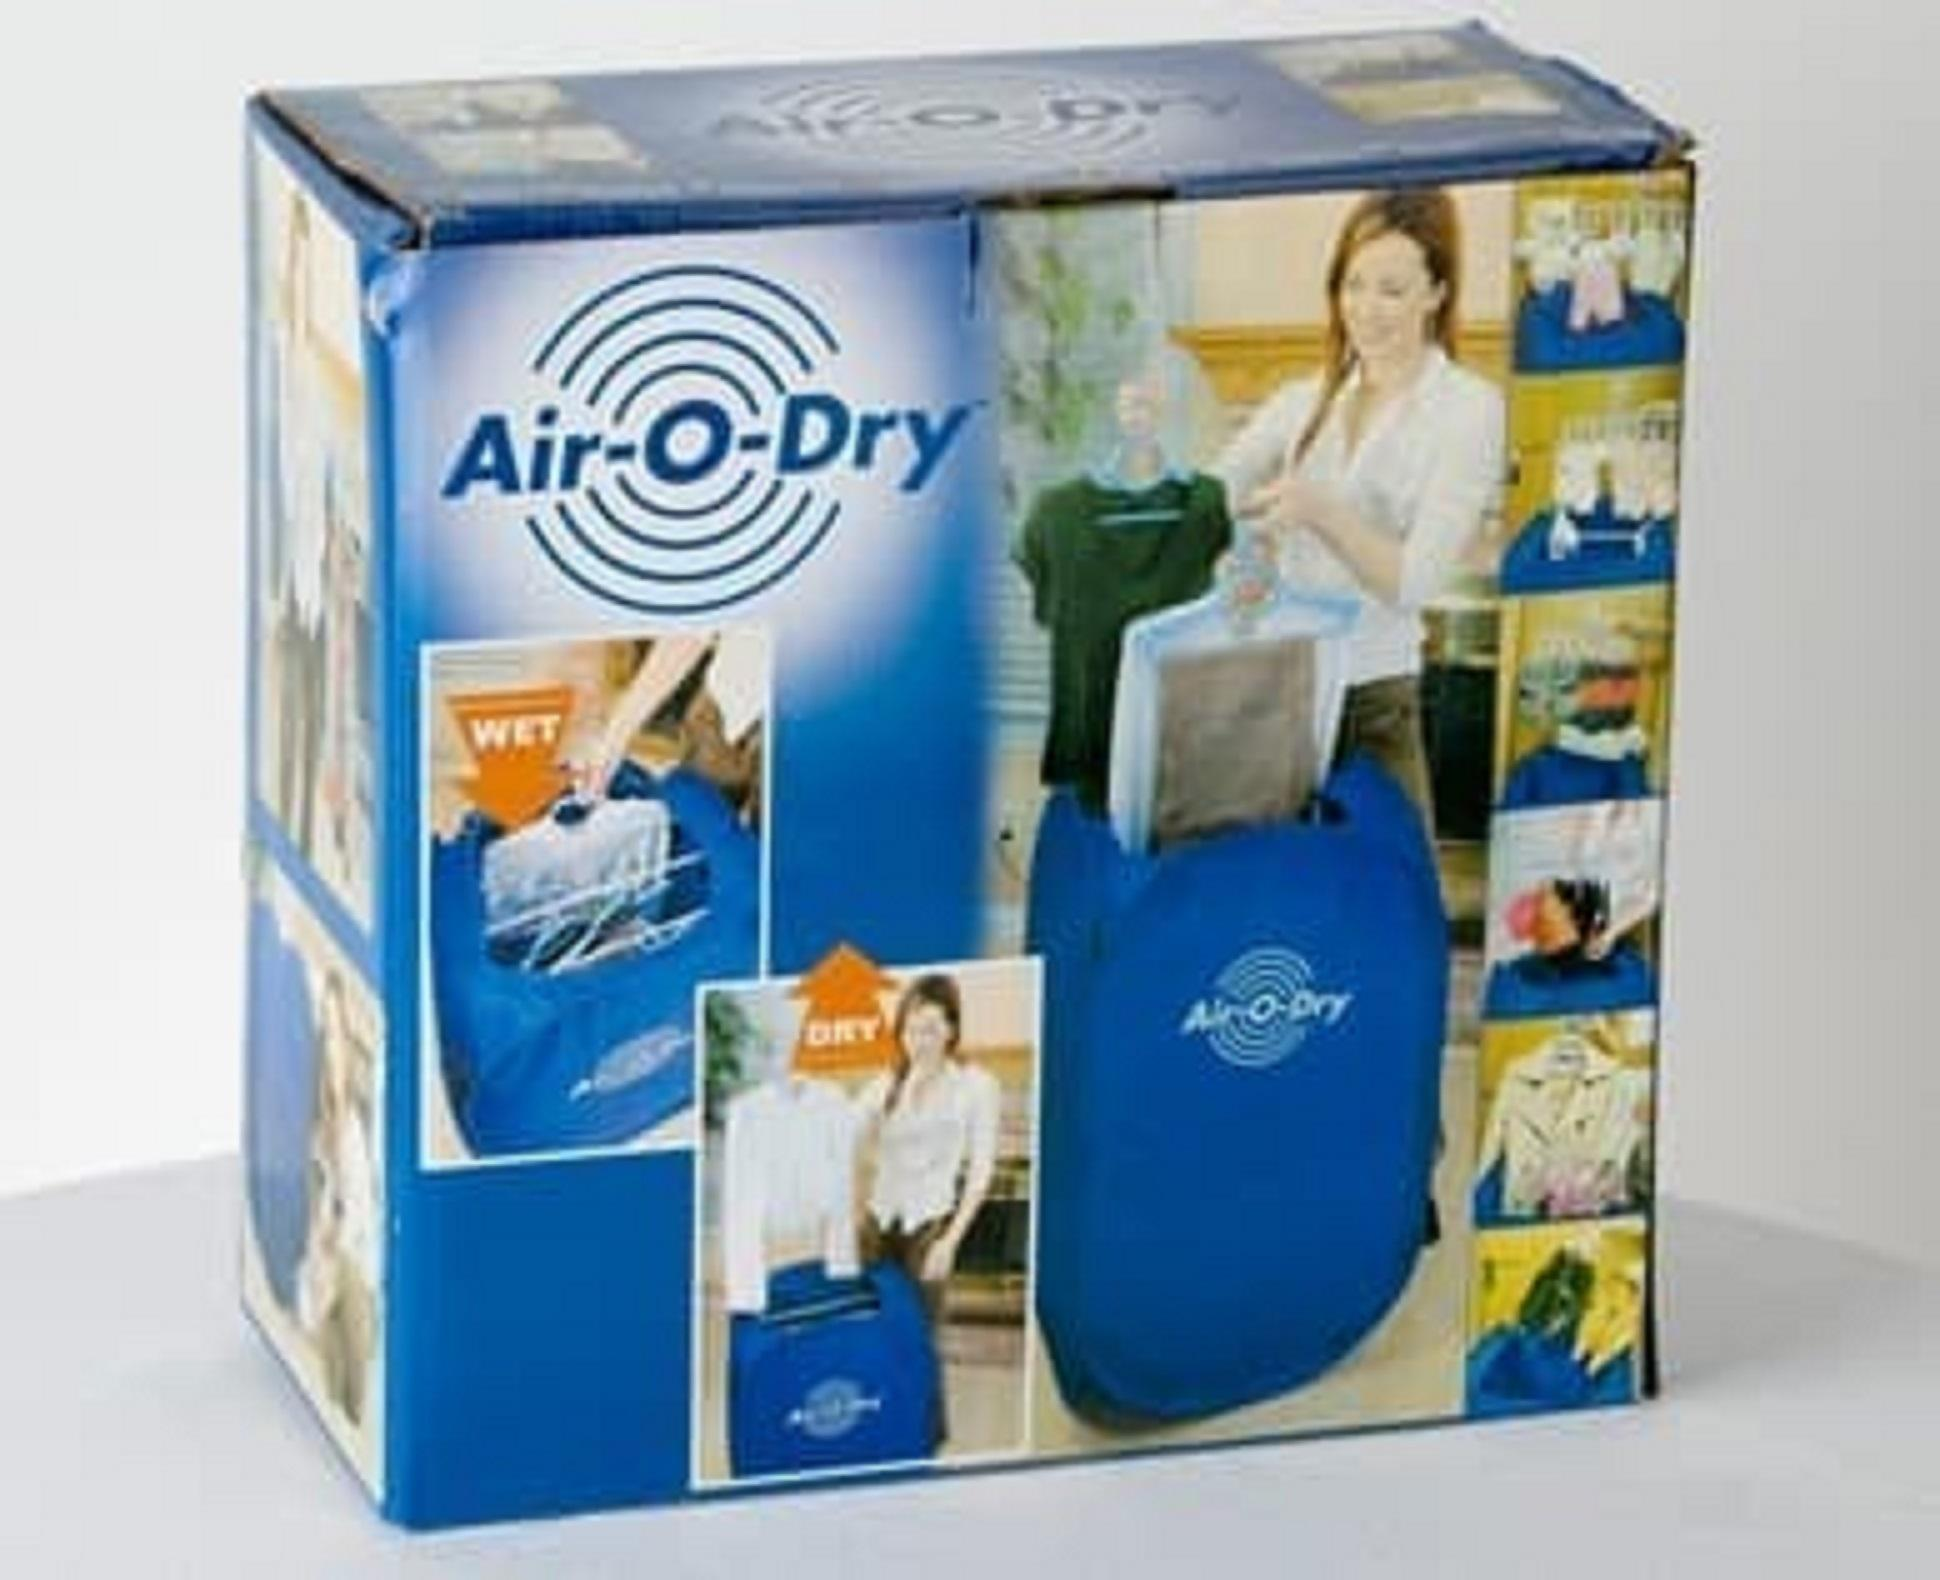 Mesin Pengering Pakaian Otomatis Air O Dry Baju